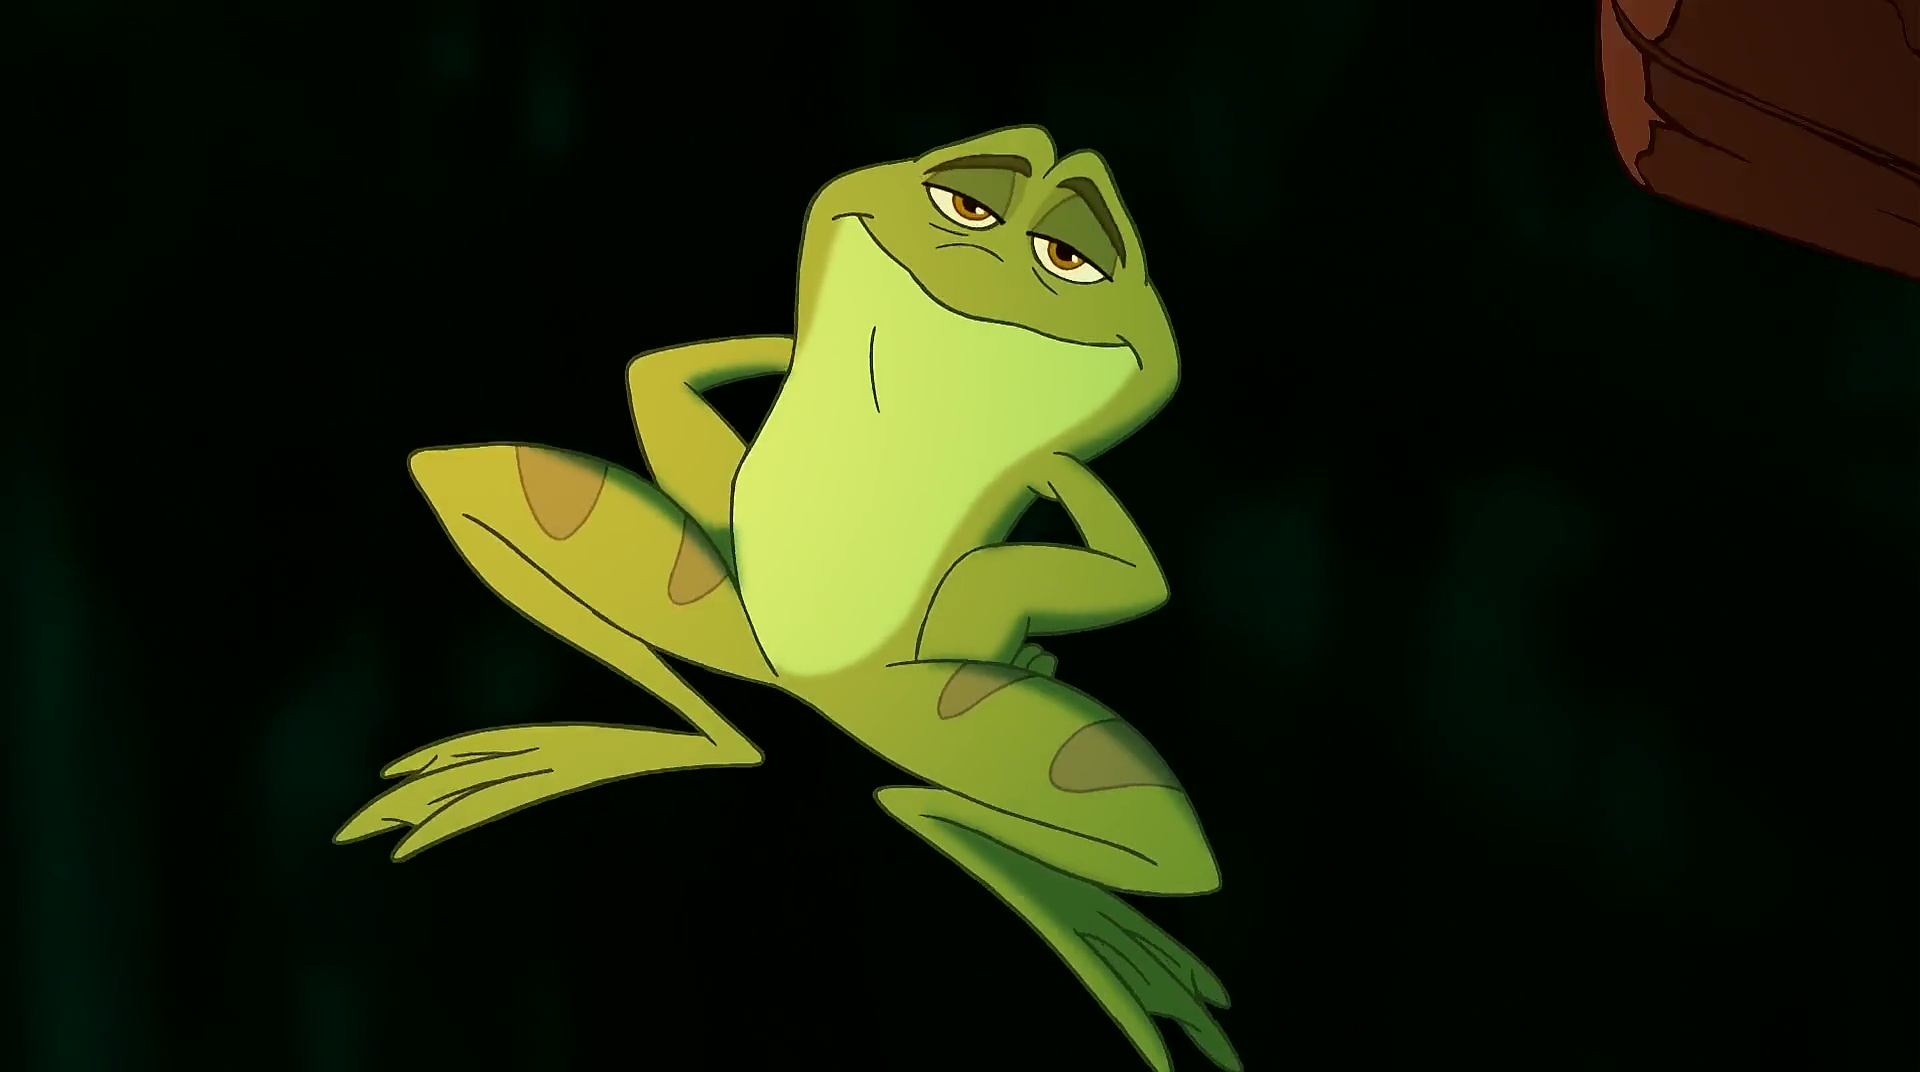 """Résultat de recherche d'images pour """"prince grenouille disney"""""""